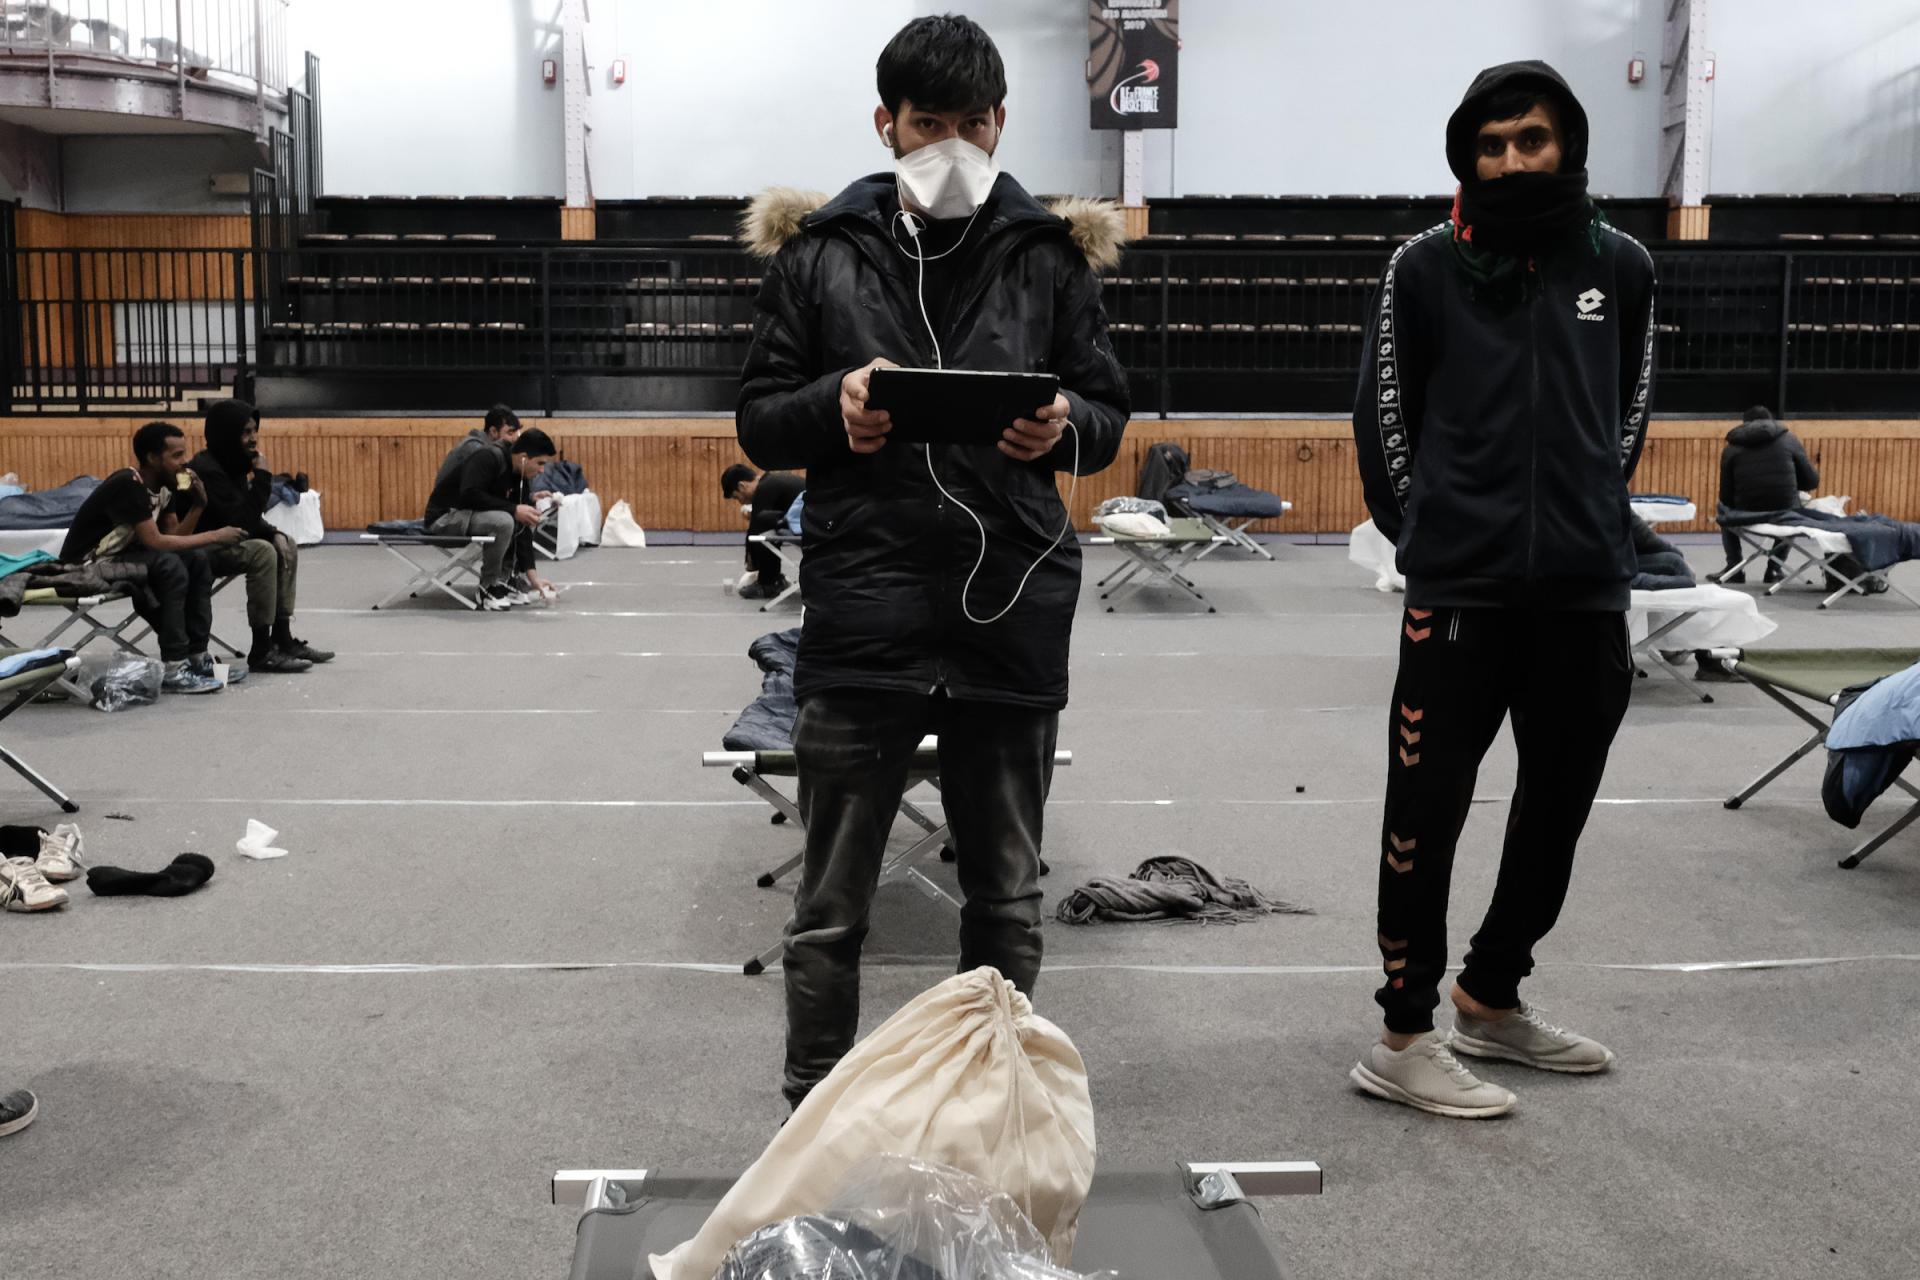 Les migrants patientent pour déclarer d'éventuels symptômes auprès des équipes de MSF et de l'association Utopia56, active dans l'hebergement citoyen, venue en soutien de l'opération.